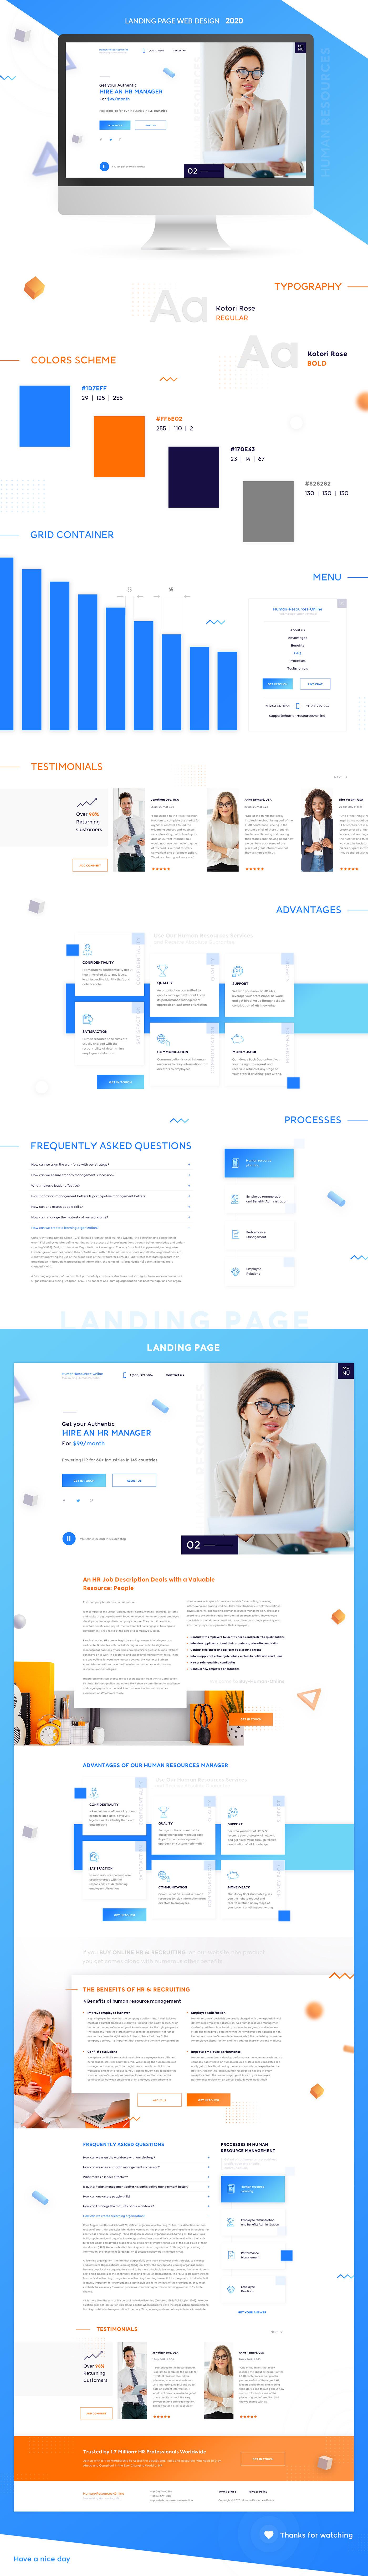 Business Landing page - Digital HR Online